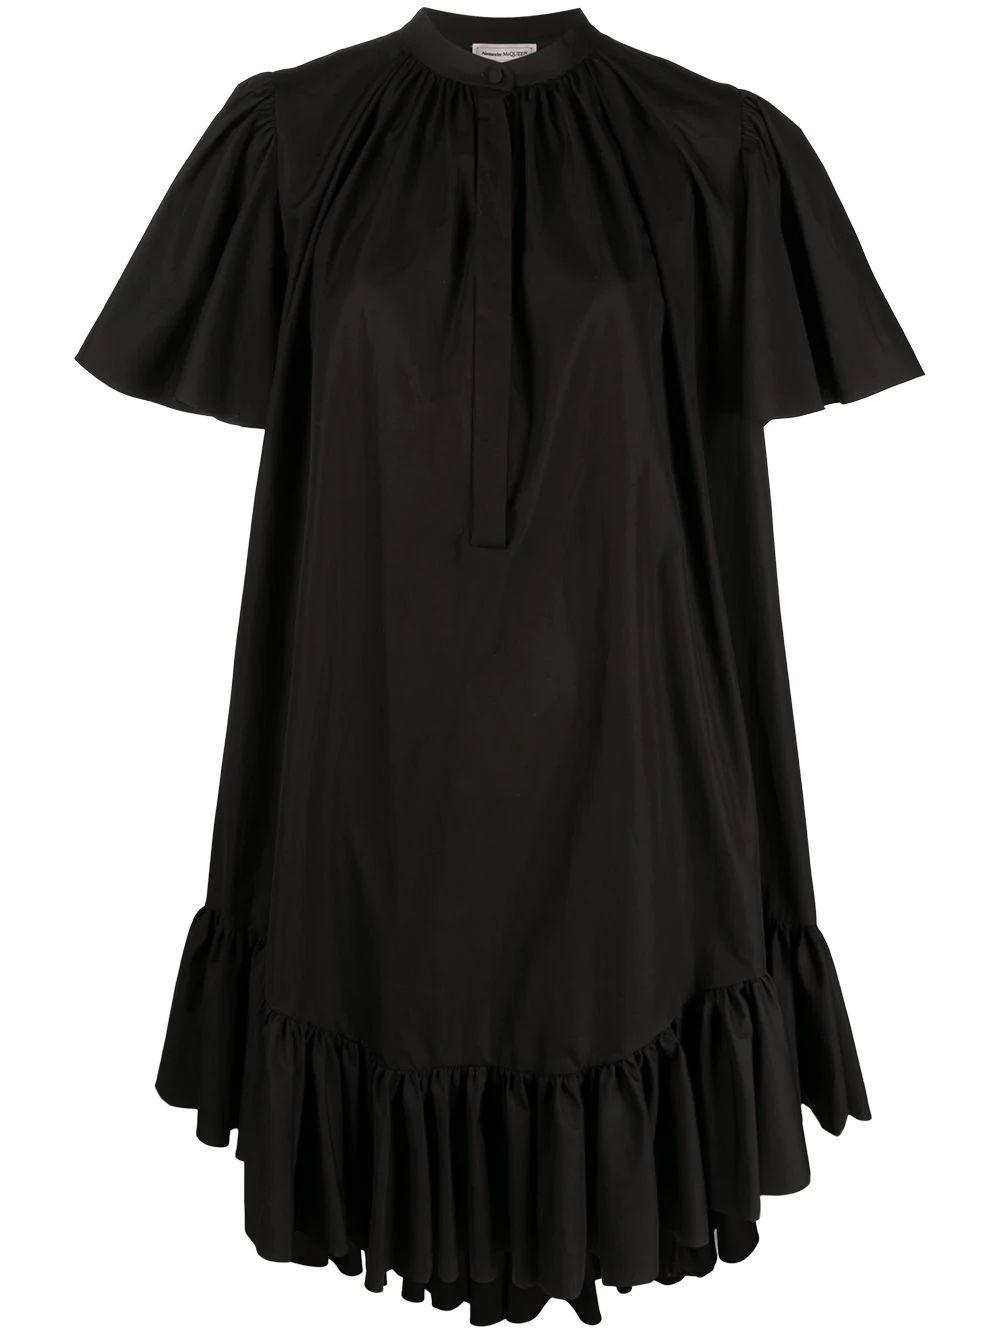 Ruffle Trim Trapeze Dress Item # 657101QAAAD